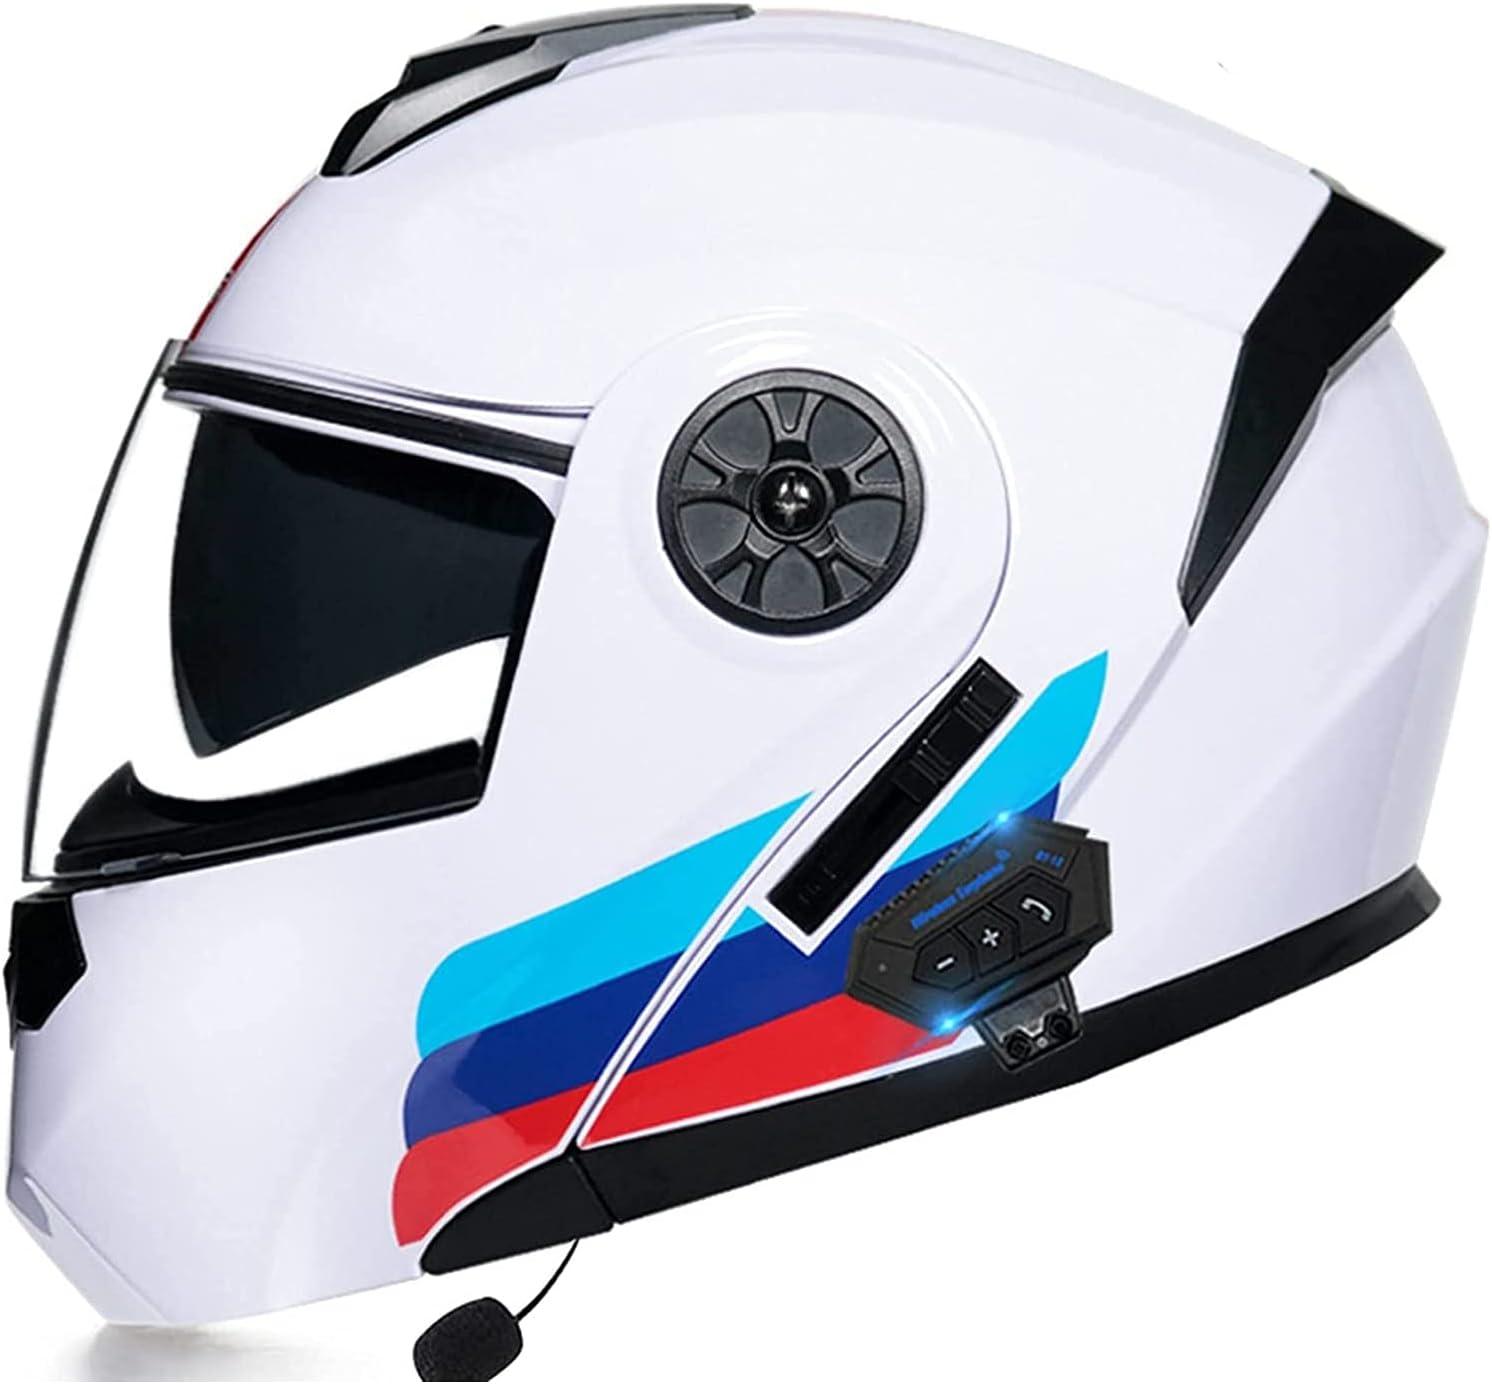 ZHANGYUEFEIFZ Bluetooth Casco Moto Modular Casco Integral con Doble Visera Casco Moto Mujer Adultos para Scooter Biker Mofa Crash Cruiser Chopper ECE Homologado (Color : #1, Size : 55-56(S))